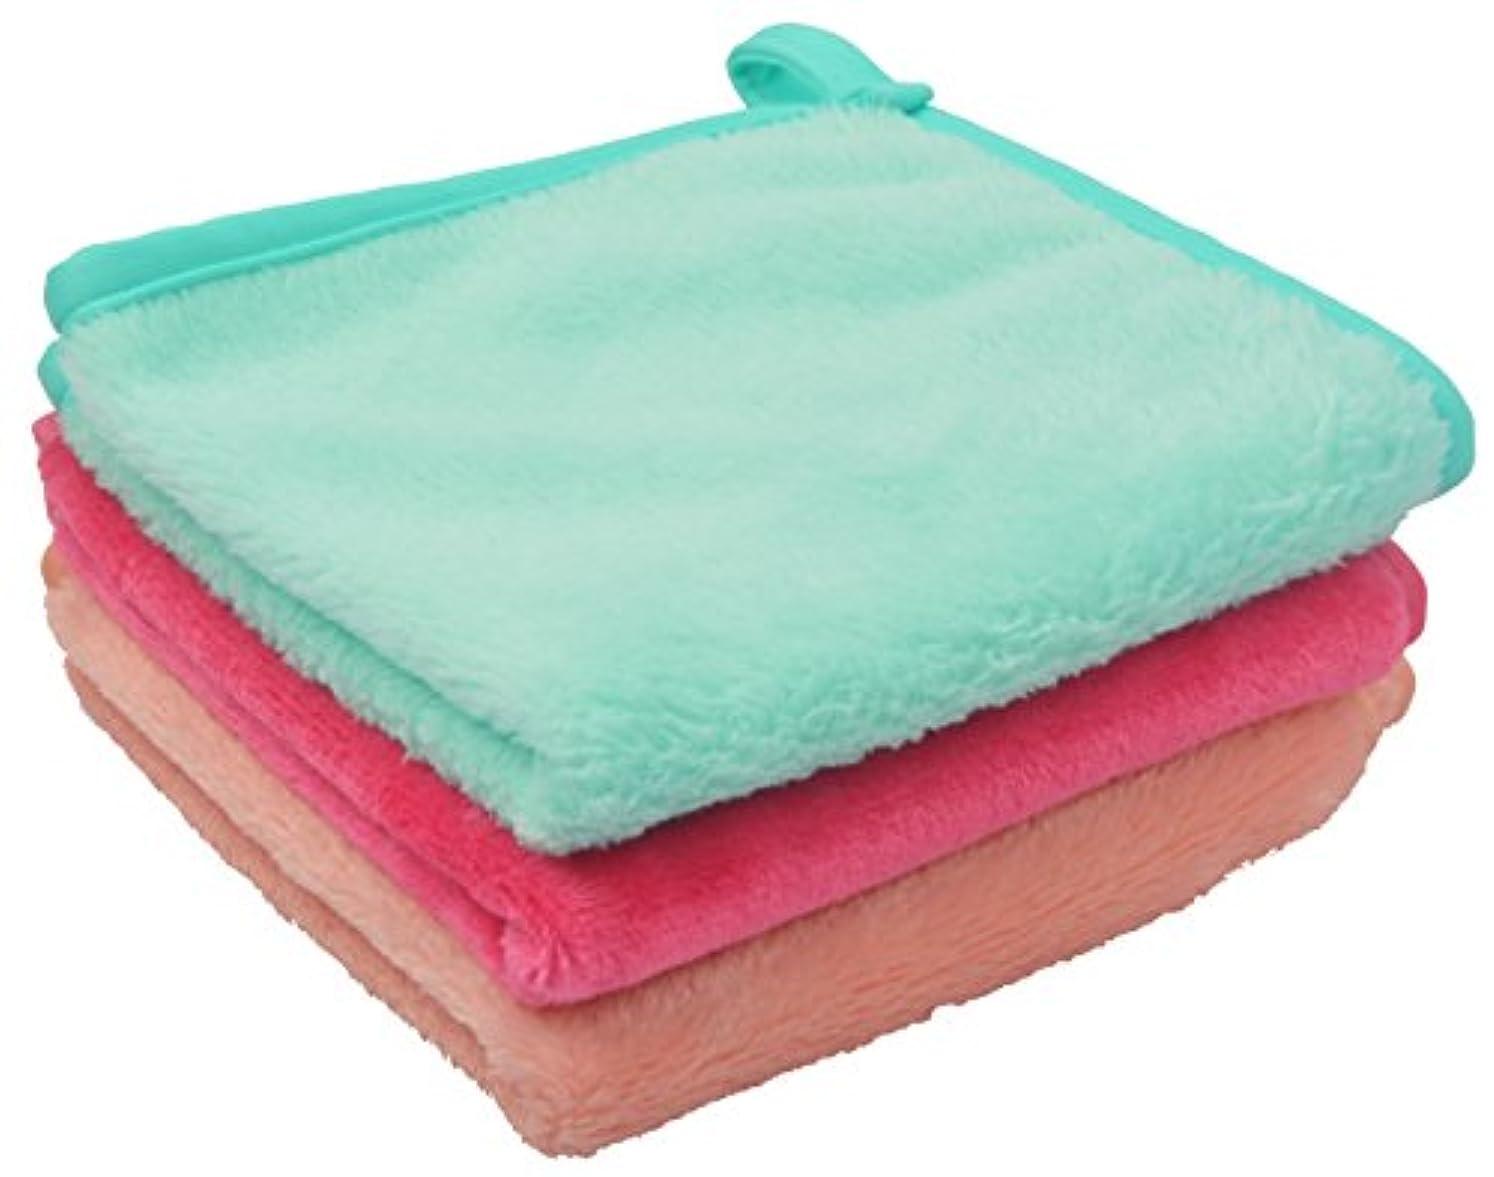 投資ふざけたあたたかいSinland メイク落としタオル 柔らかい クレンジング タオル 敏感肌用タオル (30cmx30cm, ライトグリーン+ピンク+オレンジ)